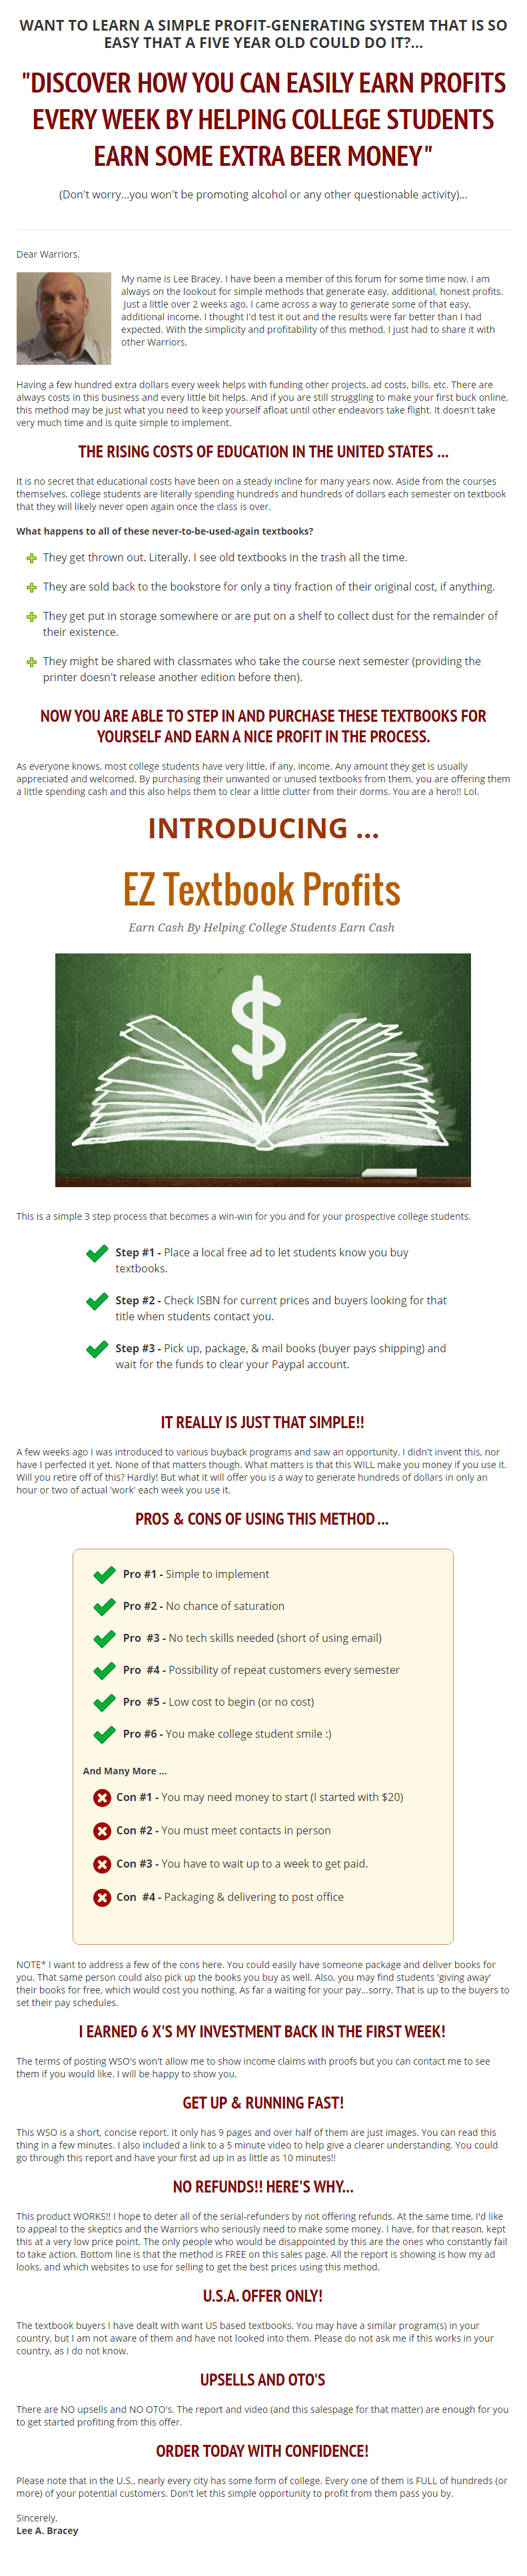 在90分钟的简单工作中,我是如何把$50刀变成$300刀的!(EZ Textbook Profits)